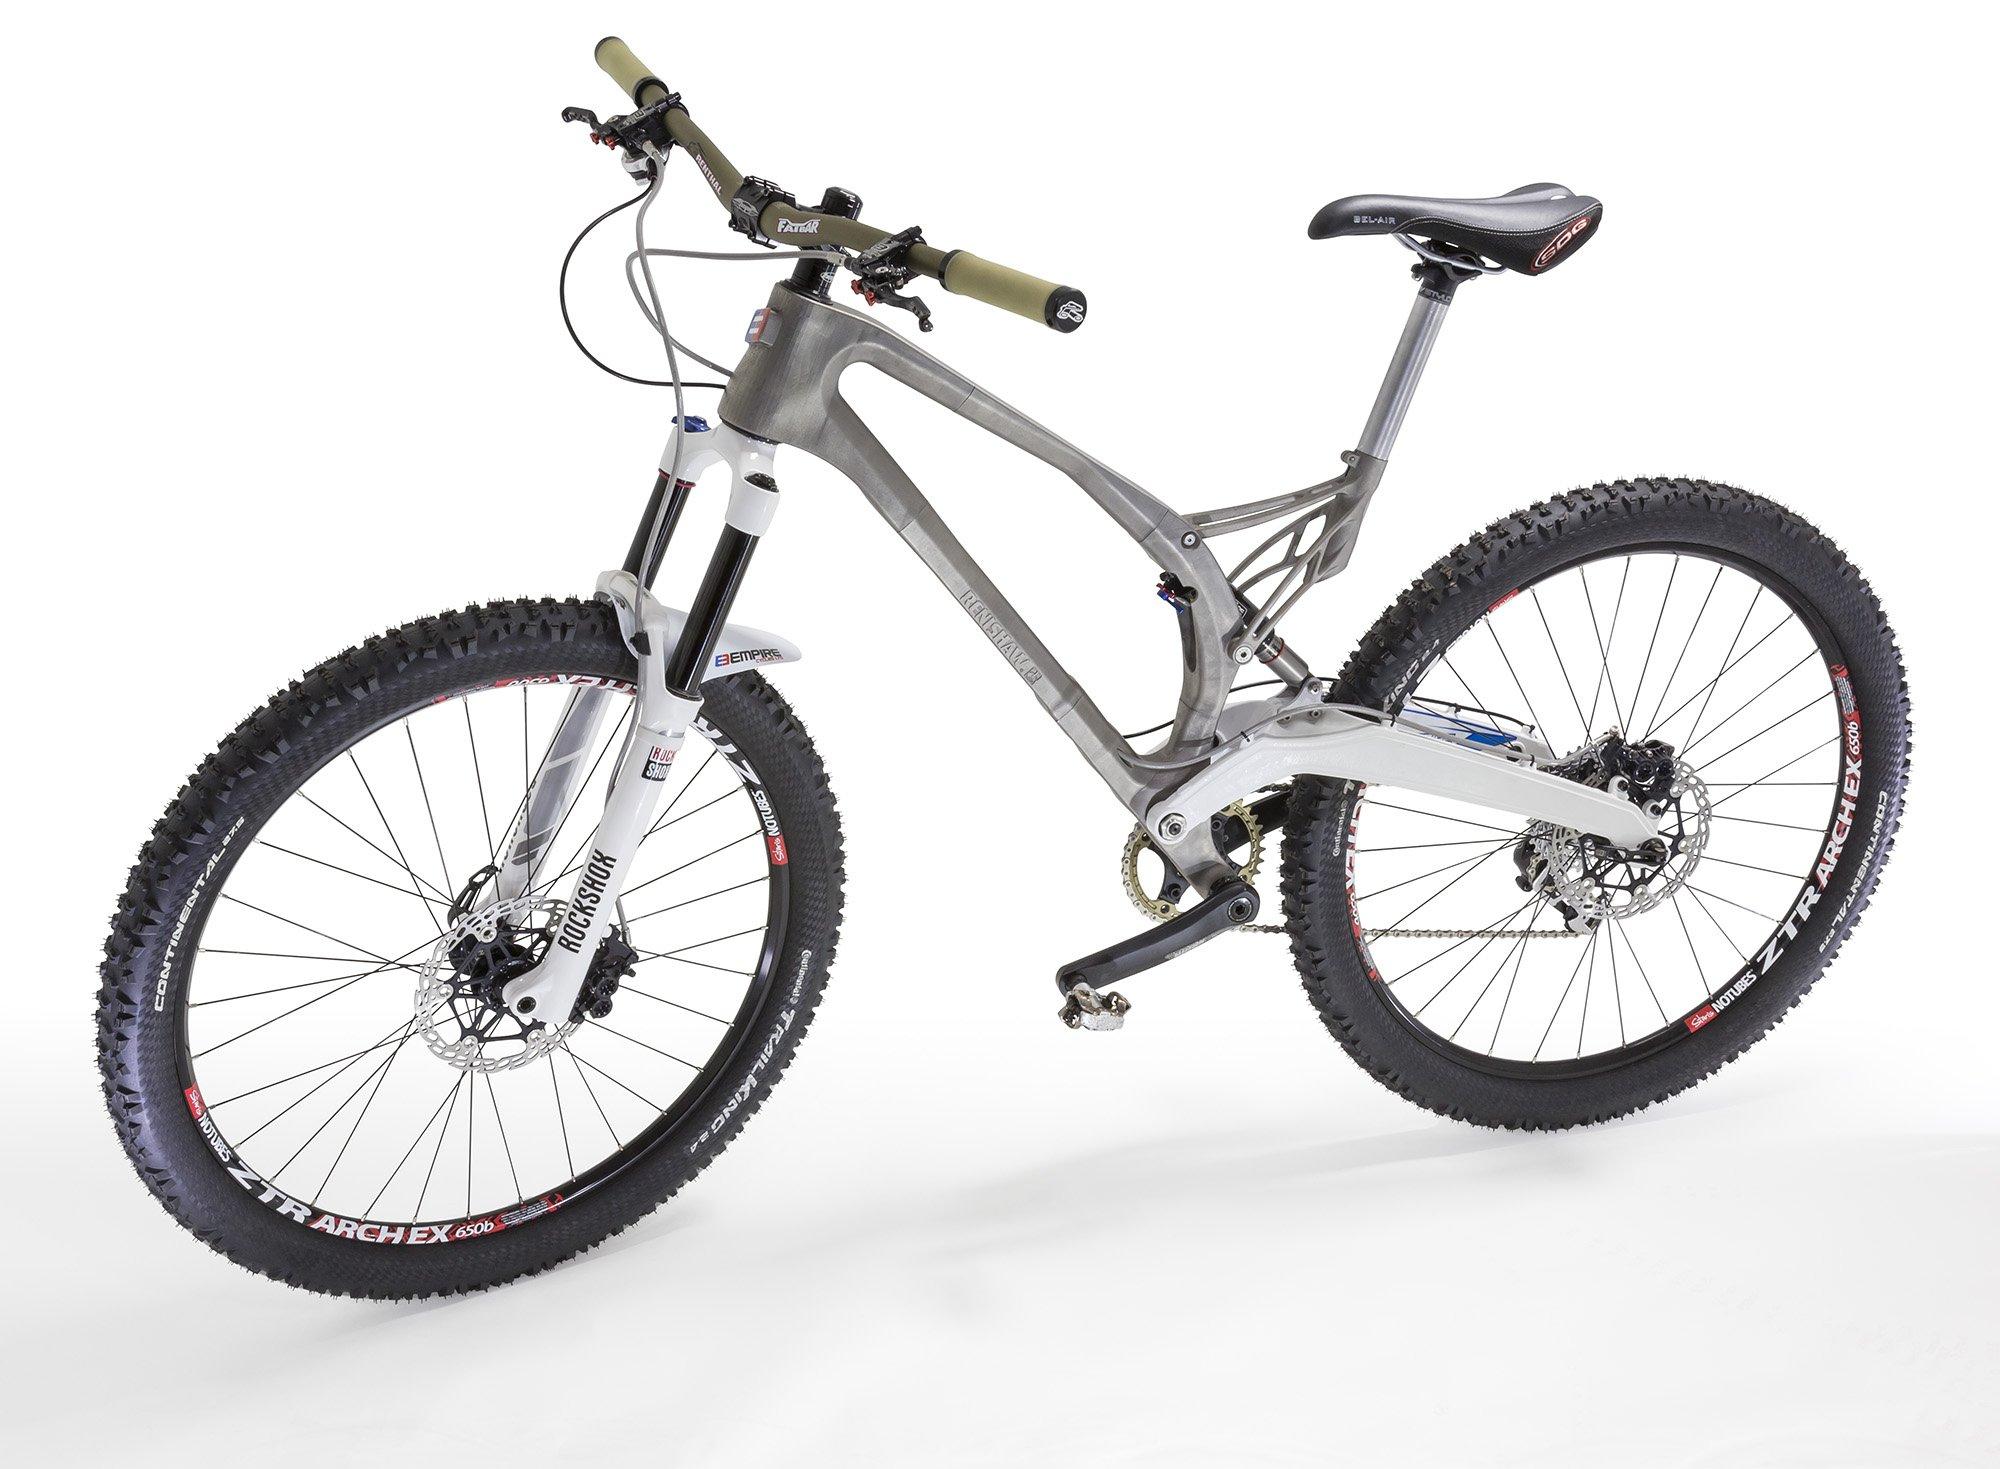 Das MTB von Empire Bikes aus dem 3D-Drucker: Der Rahmen ist ein Drittel leichter als ein herkömmlicher Fahrradrahmen.